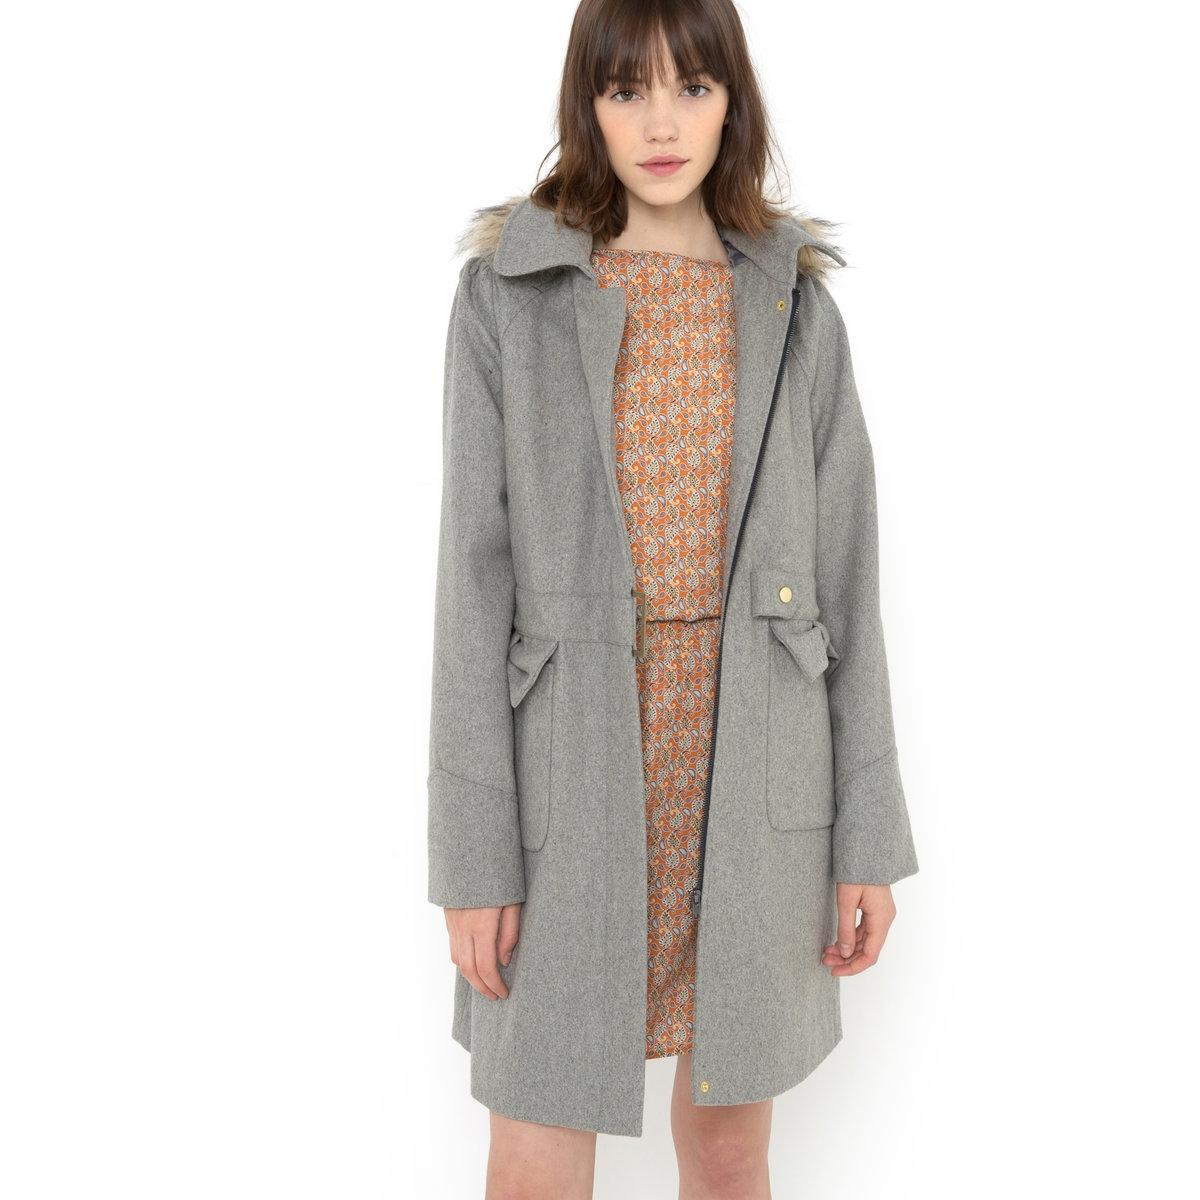 Пальто фасона трапеция, 60% шерсти2 накладных кармана с клапанами в тон спереди. Складки по талии на спинке. Складки на плечах. Длина ок.88 см.Пальто, 60% шерсти, 26% полиэстера, 6% полиамида, 6% акрила, 2% вискозы. Подкладка пальто и рукавов, 100% полиэстера.<br><br>Цвет: светло-серый меланж<br>Размер: 42 (FR) - 48 (RUS)